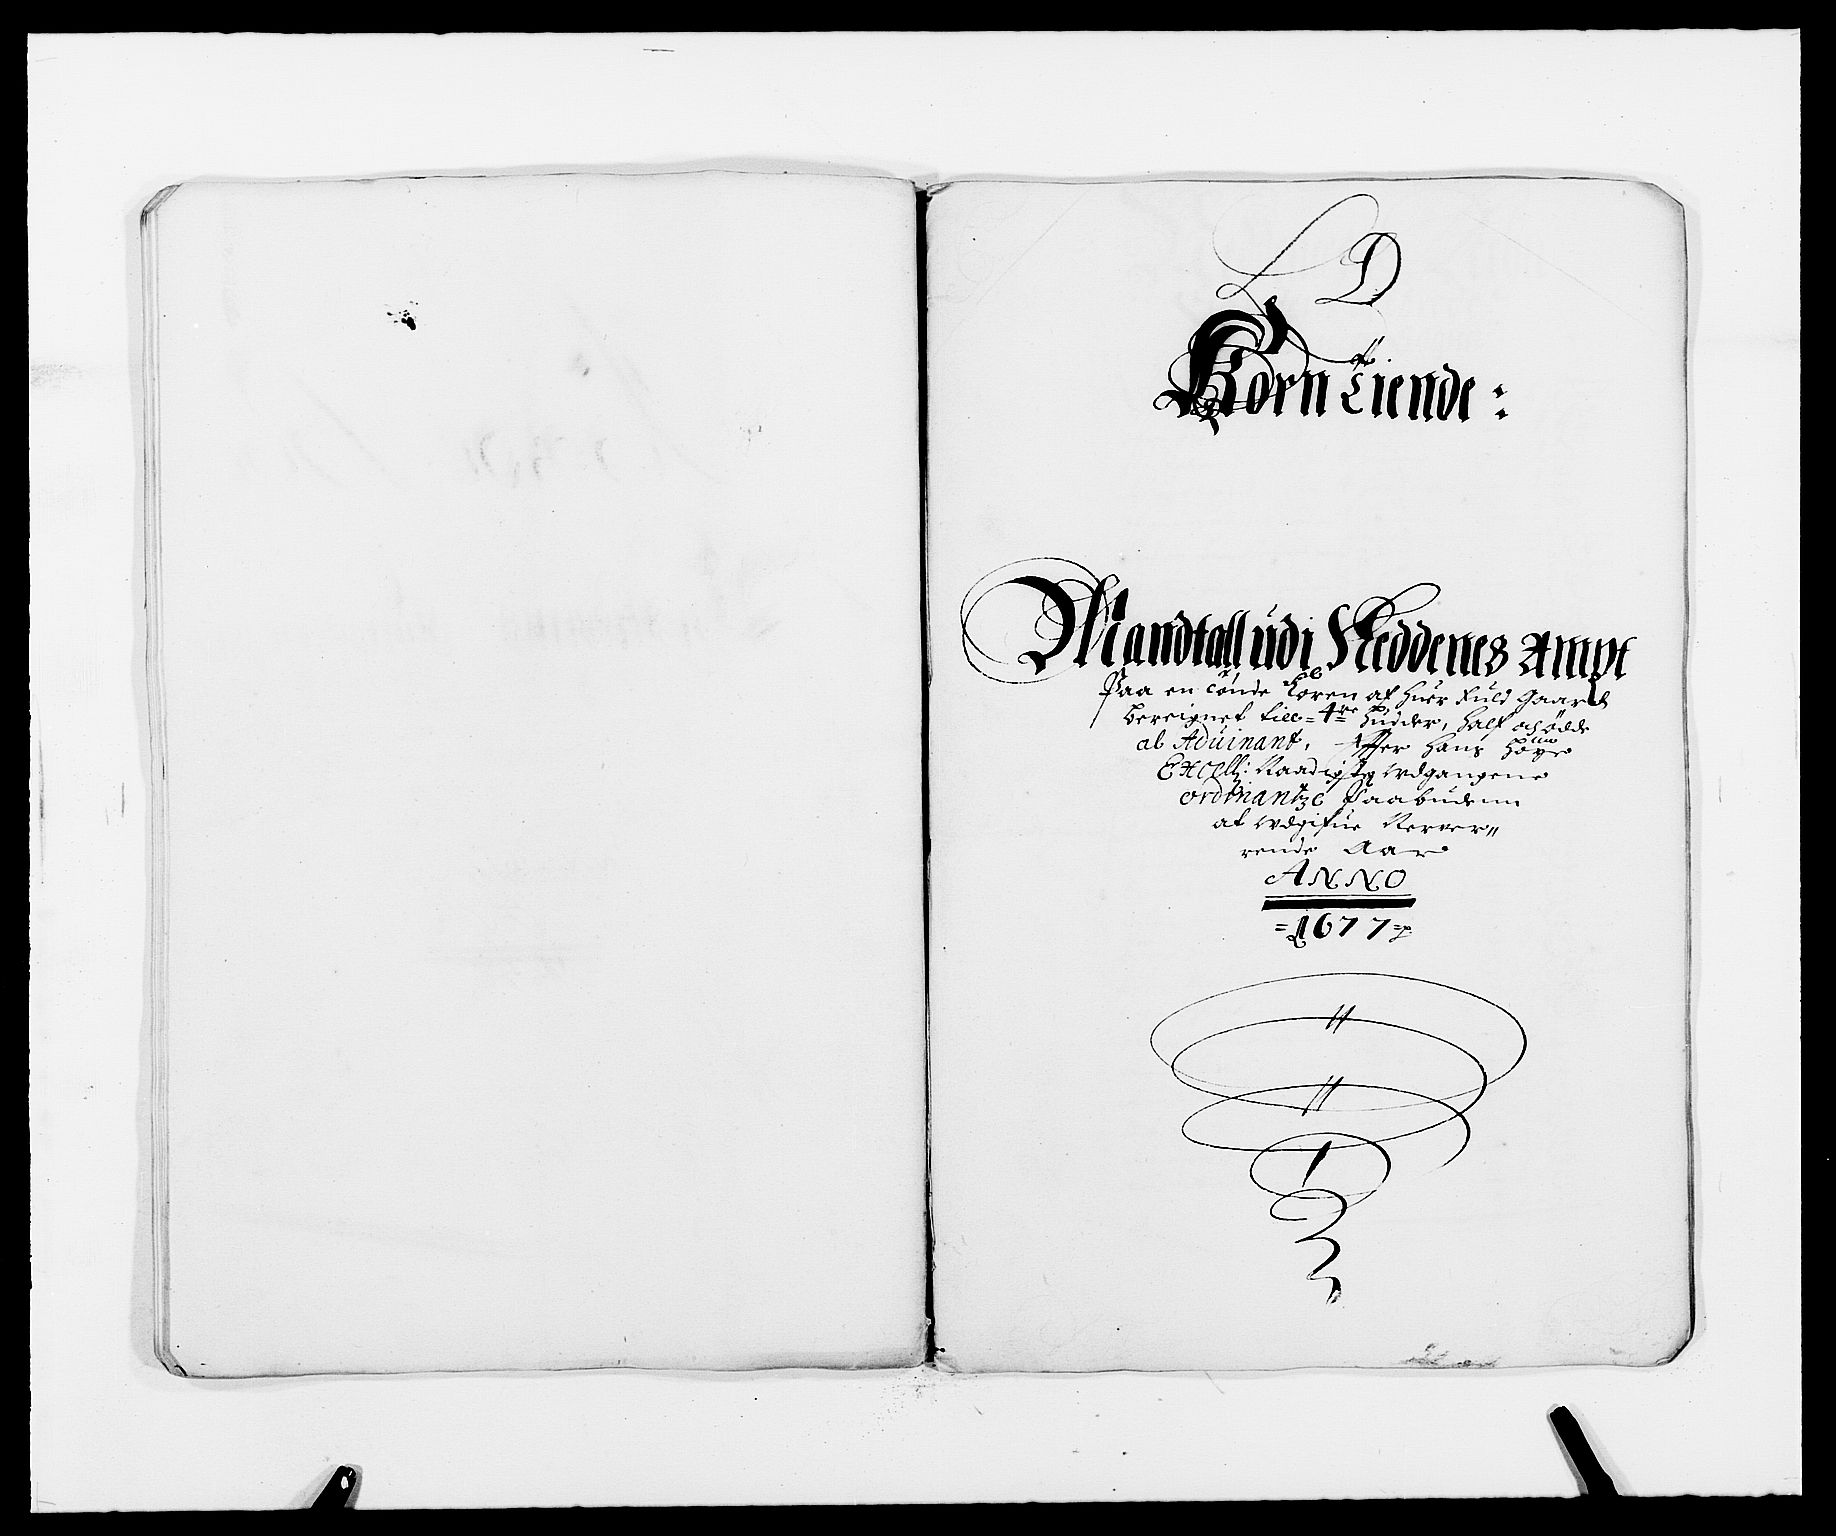 RA, Rentekammeret inntil 1814, Reviderte regnskaper, Fogderegnskap, R39/L2302: Fogderegnskap Nedenes, 1677-1678, s. 78